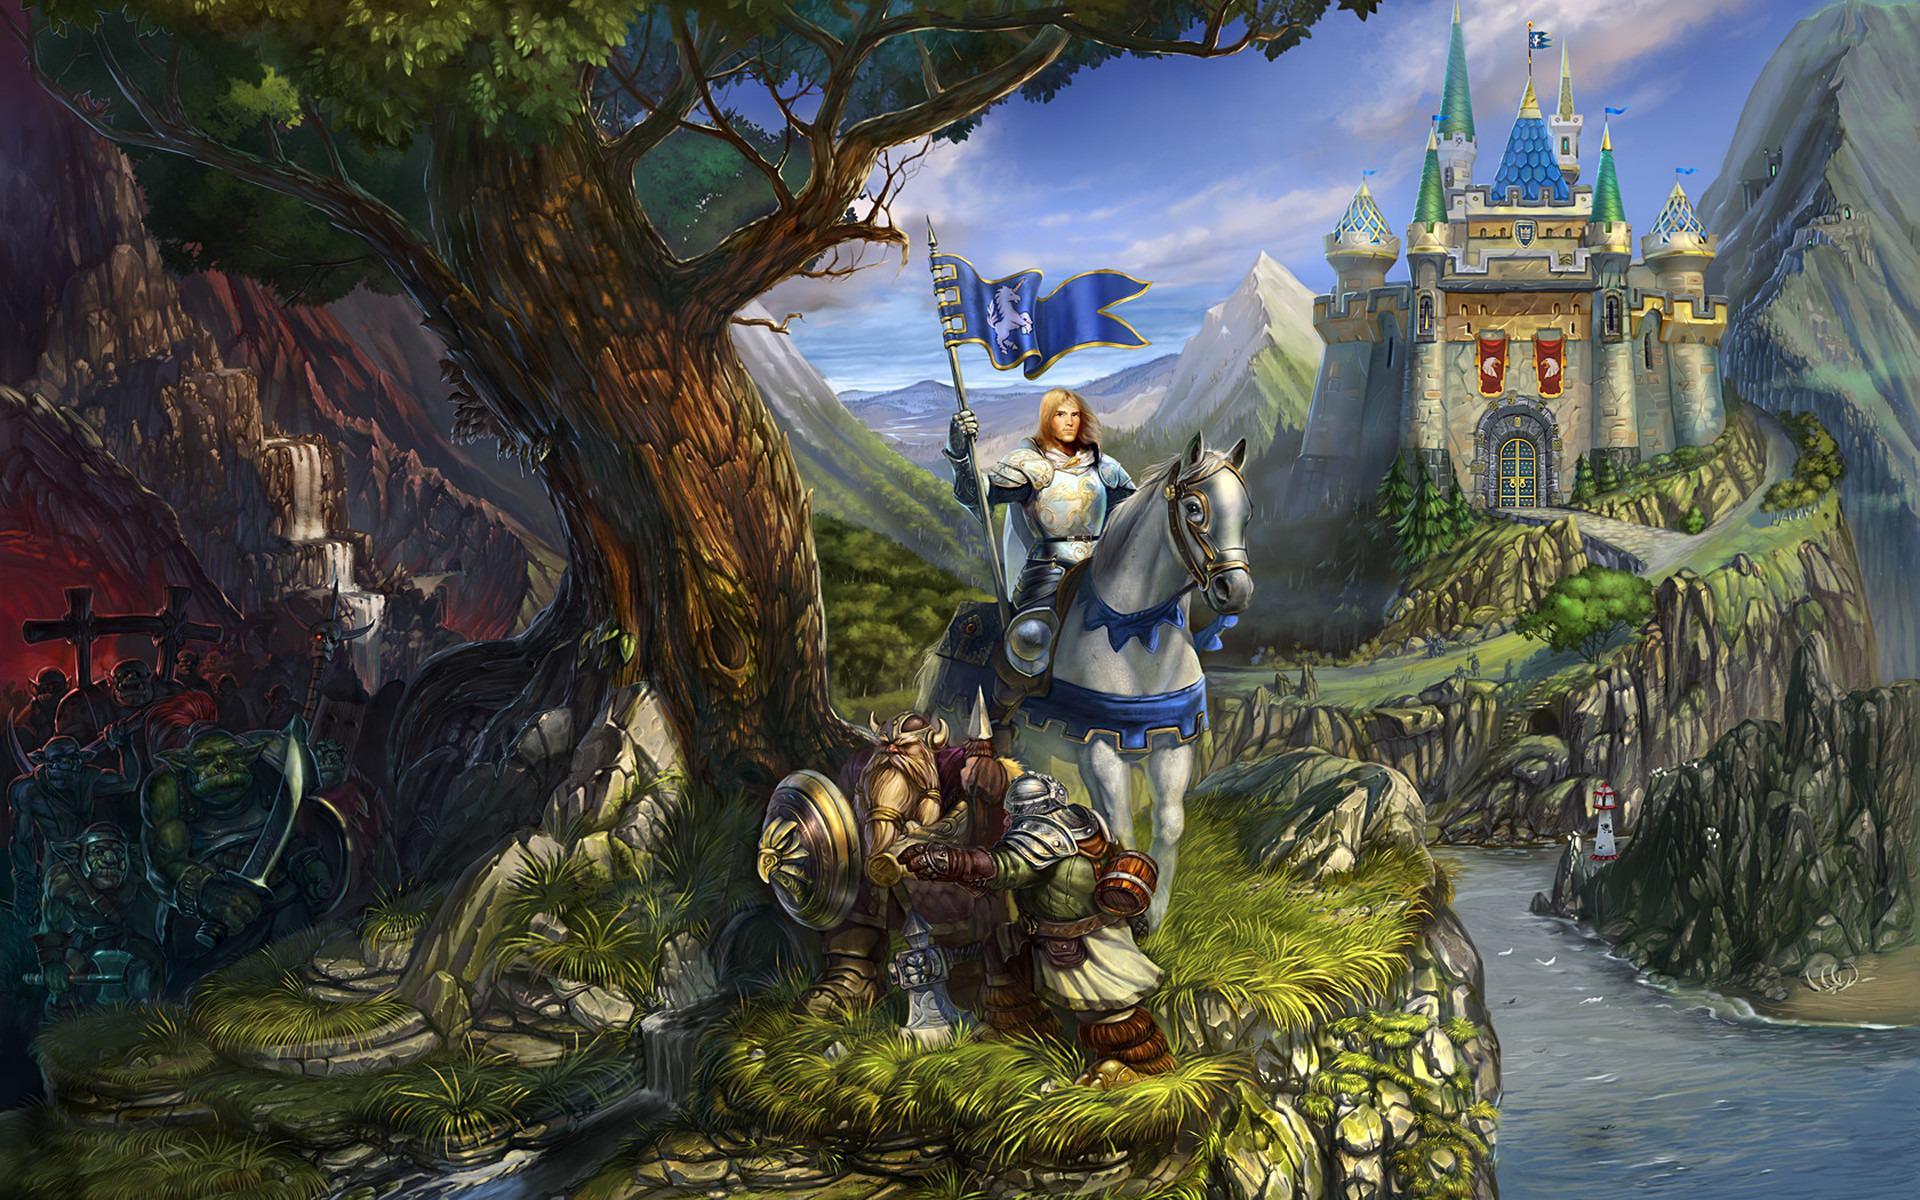 Kings bounty game art logo